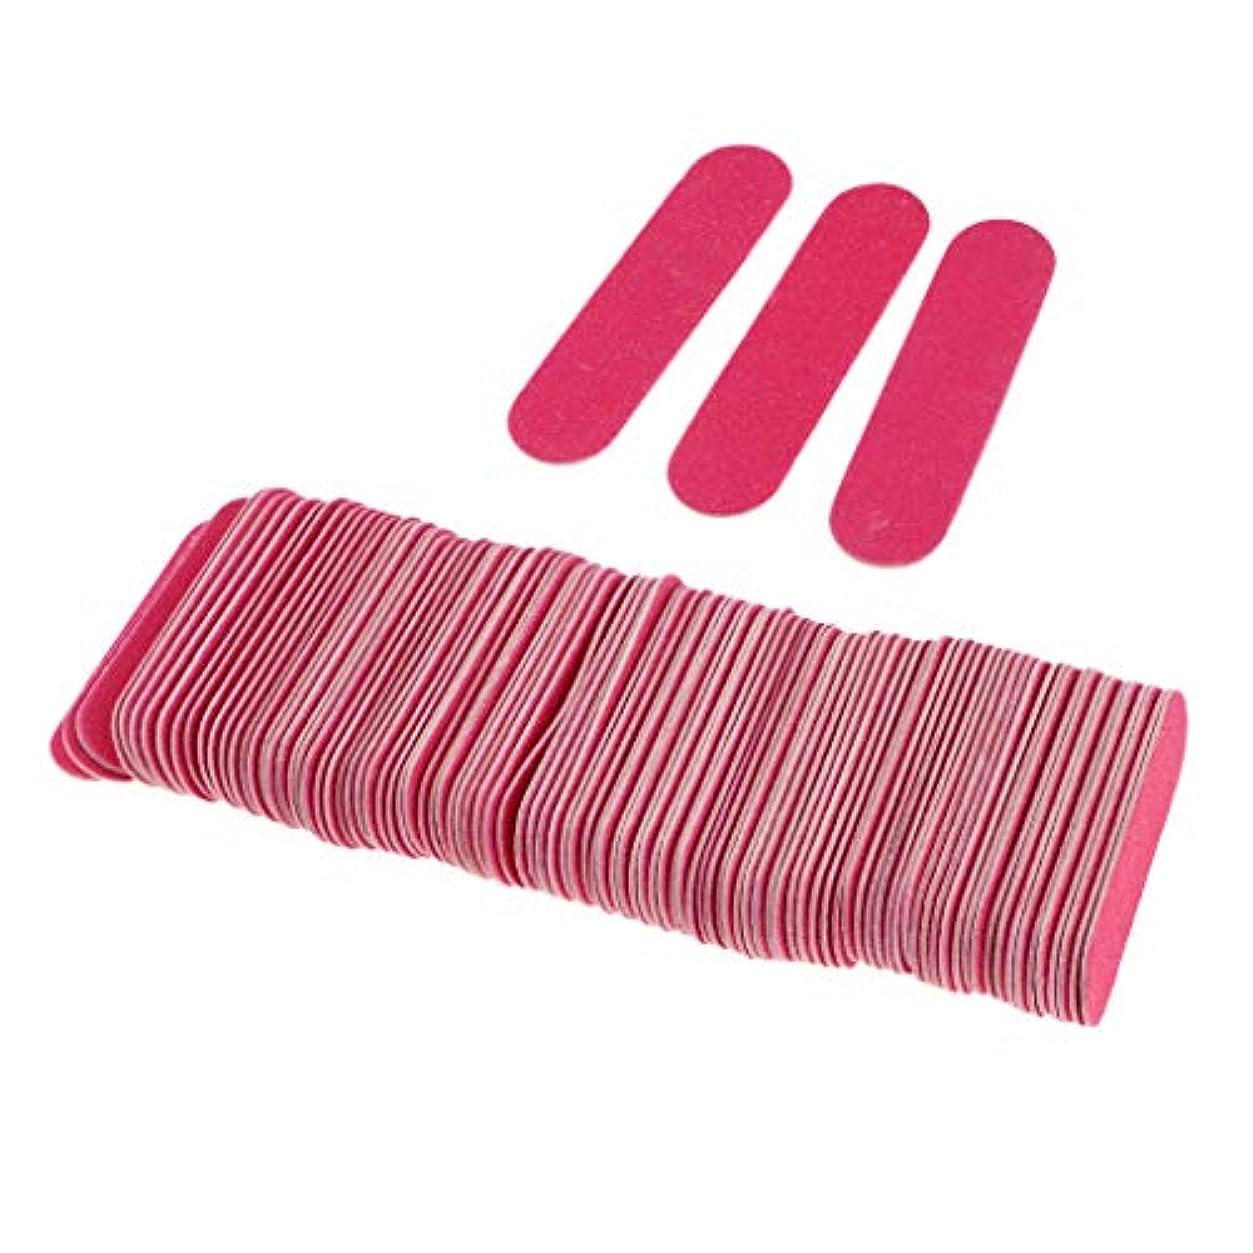 ウガンダ送金フォーラムT TOOYFUL ネイルファイル 爪磨き 爪やすり バッファーブロック ネイルサロン ツール 約100個入り